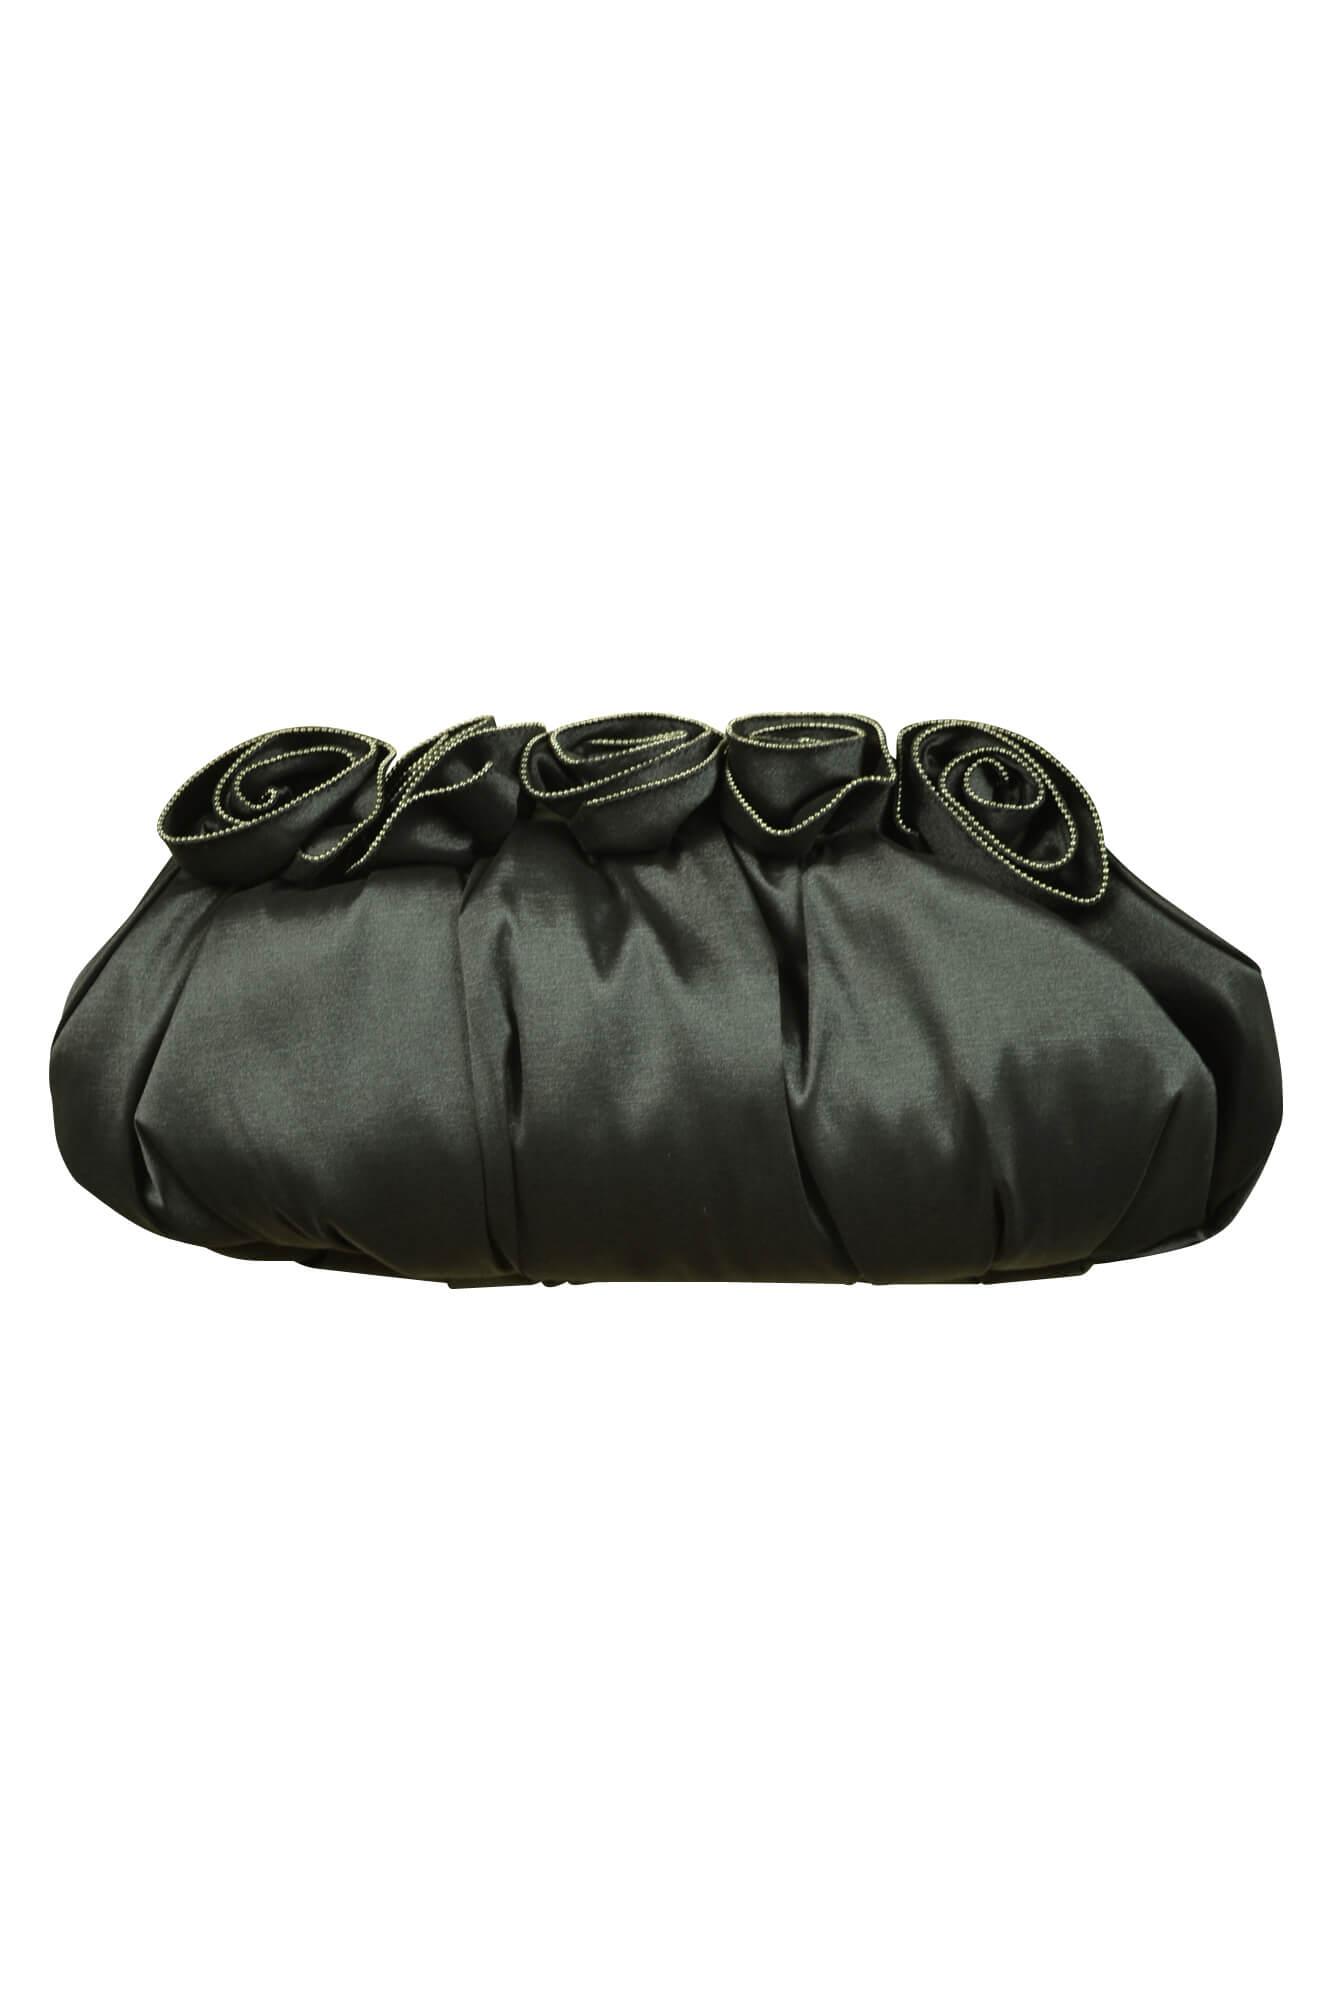 グレースコンチネンタル (GRACE CONTINENTAL)フラワーコサージュブラックバッグ